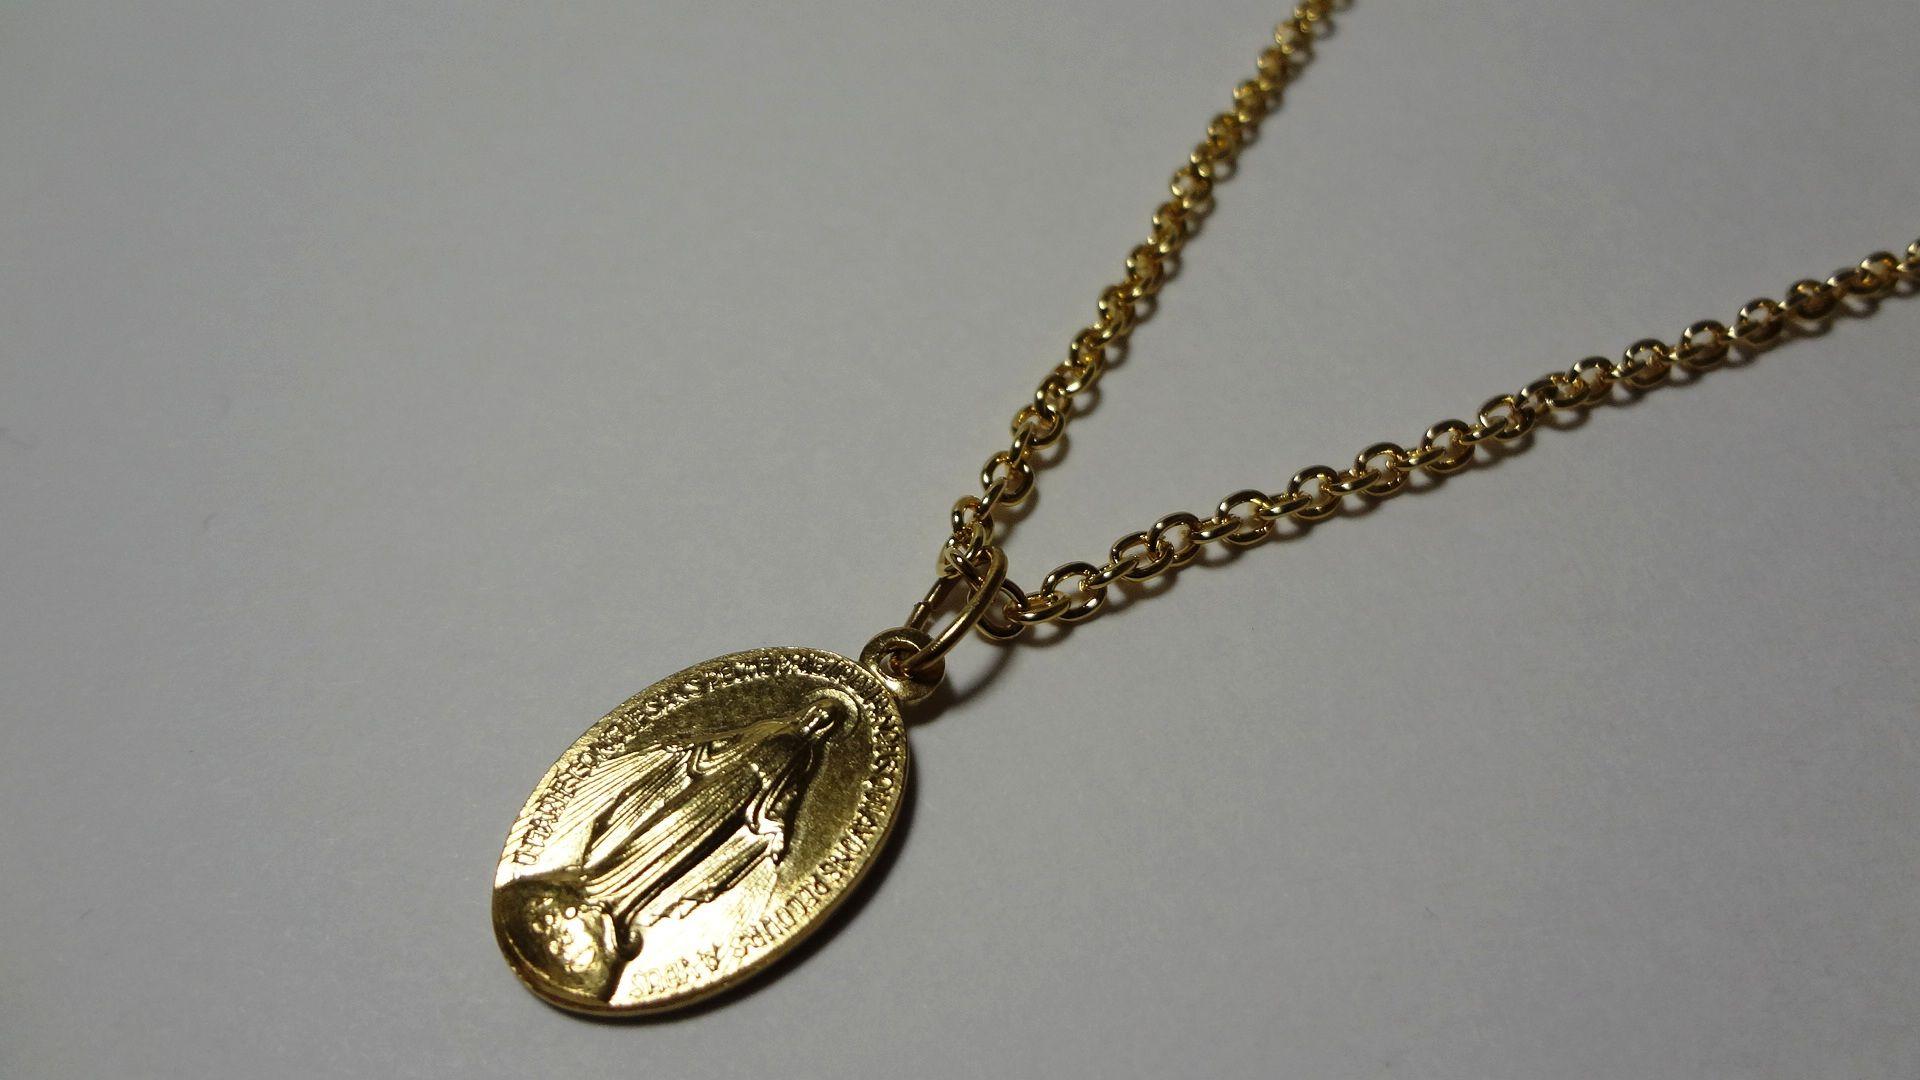 パリ 奇跡のメダイ教会 不思議のメダイ 金小ネックレス45cm